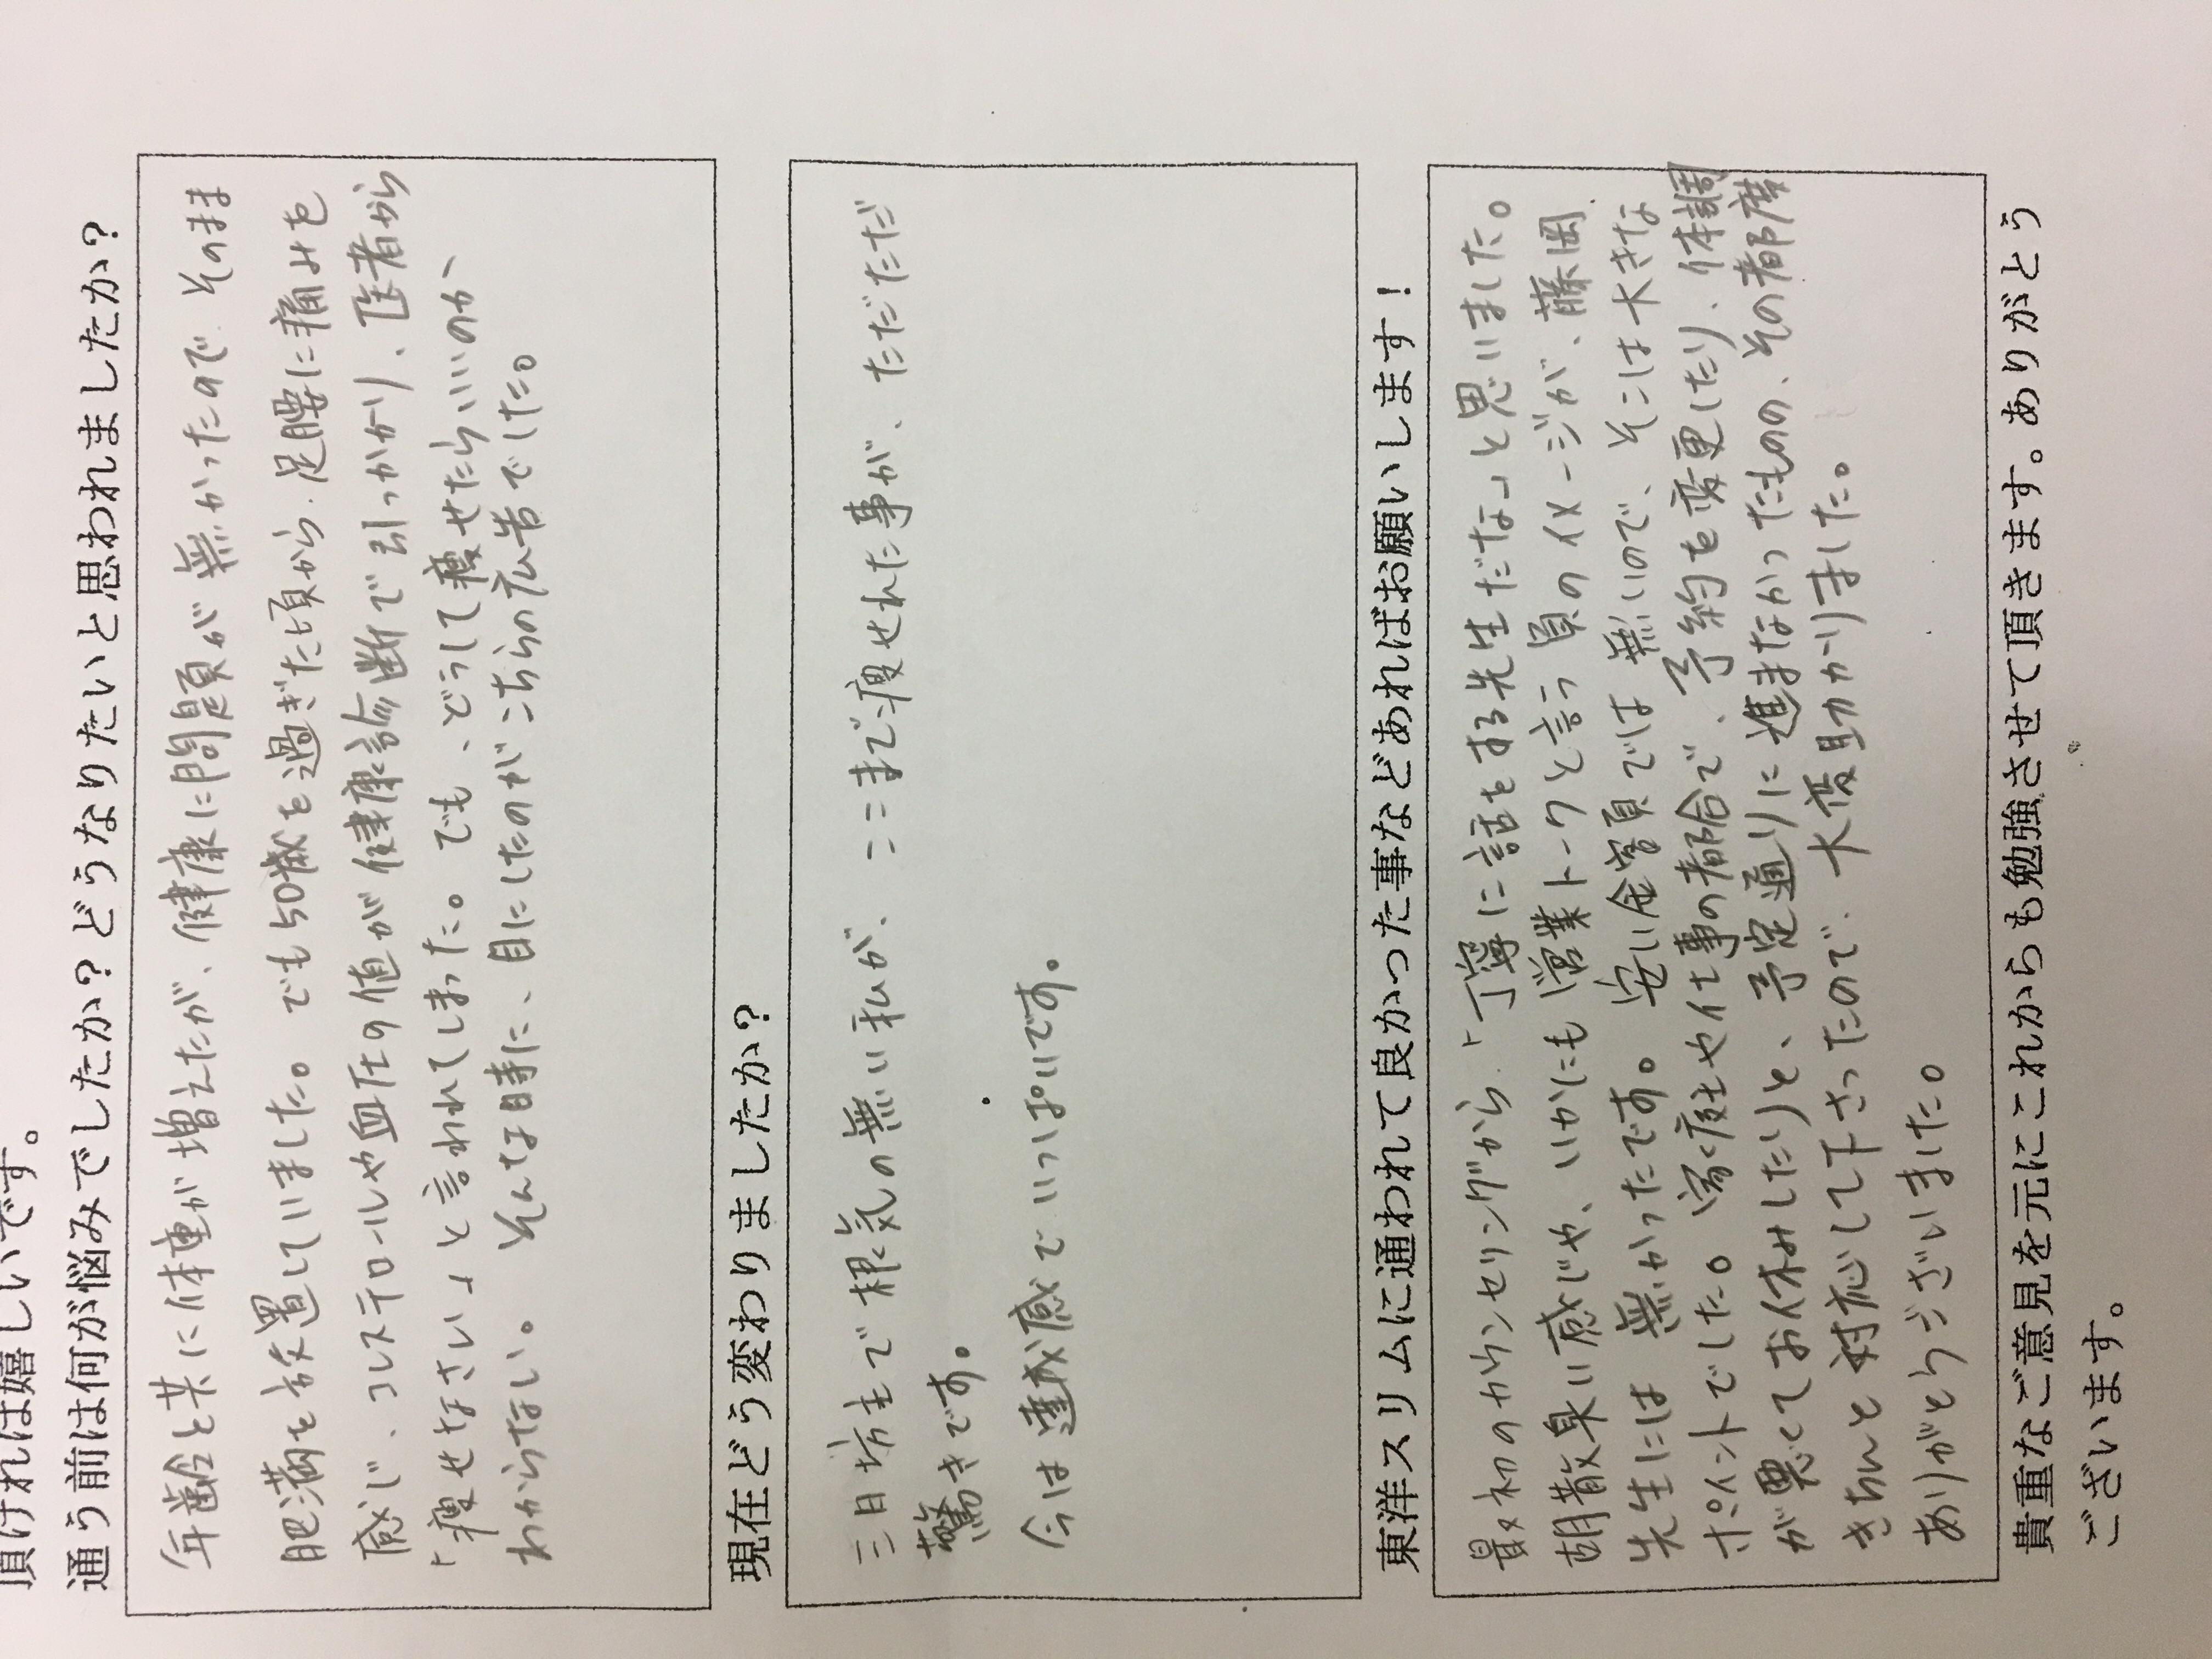 [皆様の声]大阪府富田林市Kさん(50代女性)耳つぼダイエット-22kg成功。コレステロールや血圧の値が健康診断で引っかかり…